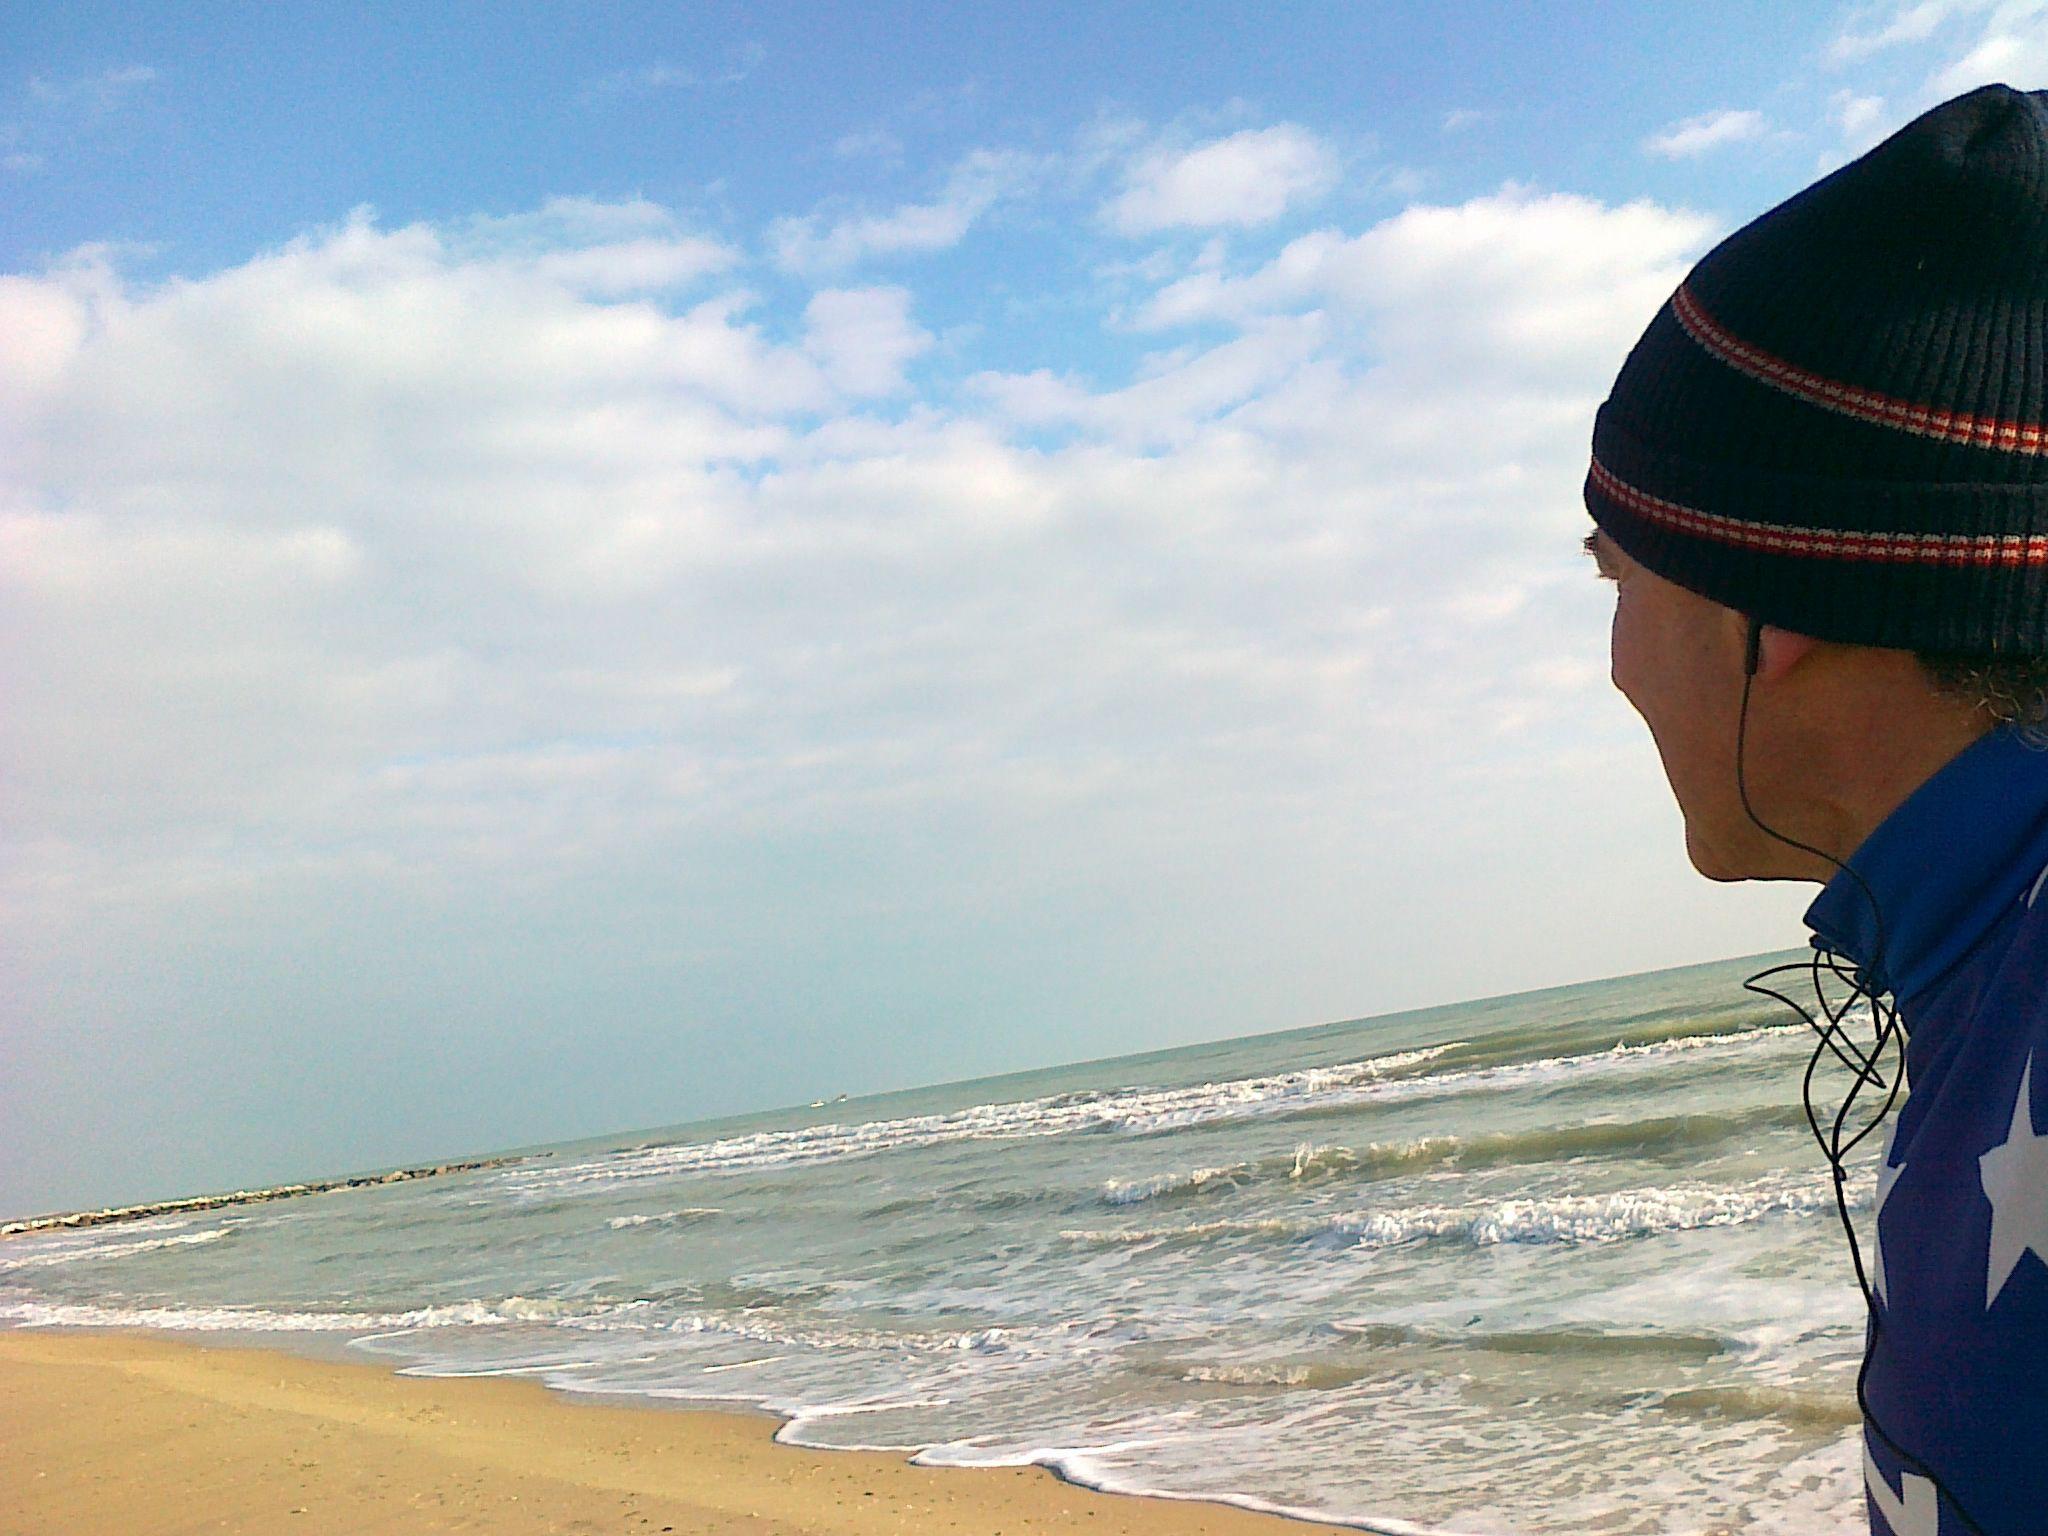 Uno sguardo al mare..